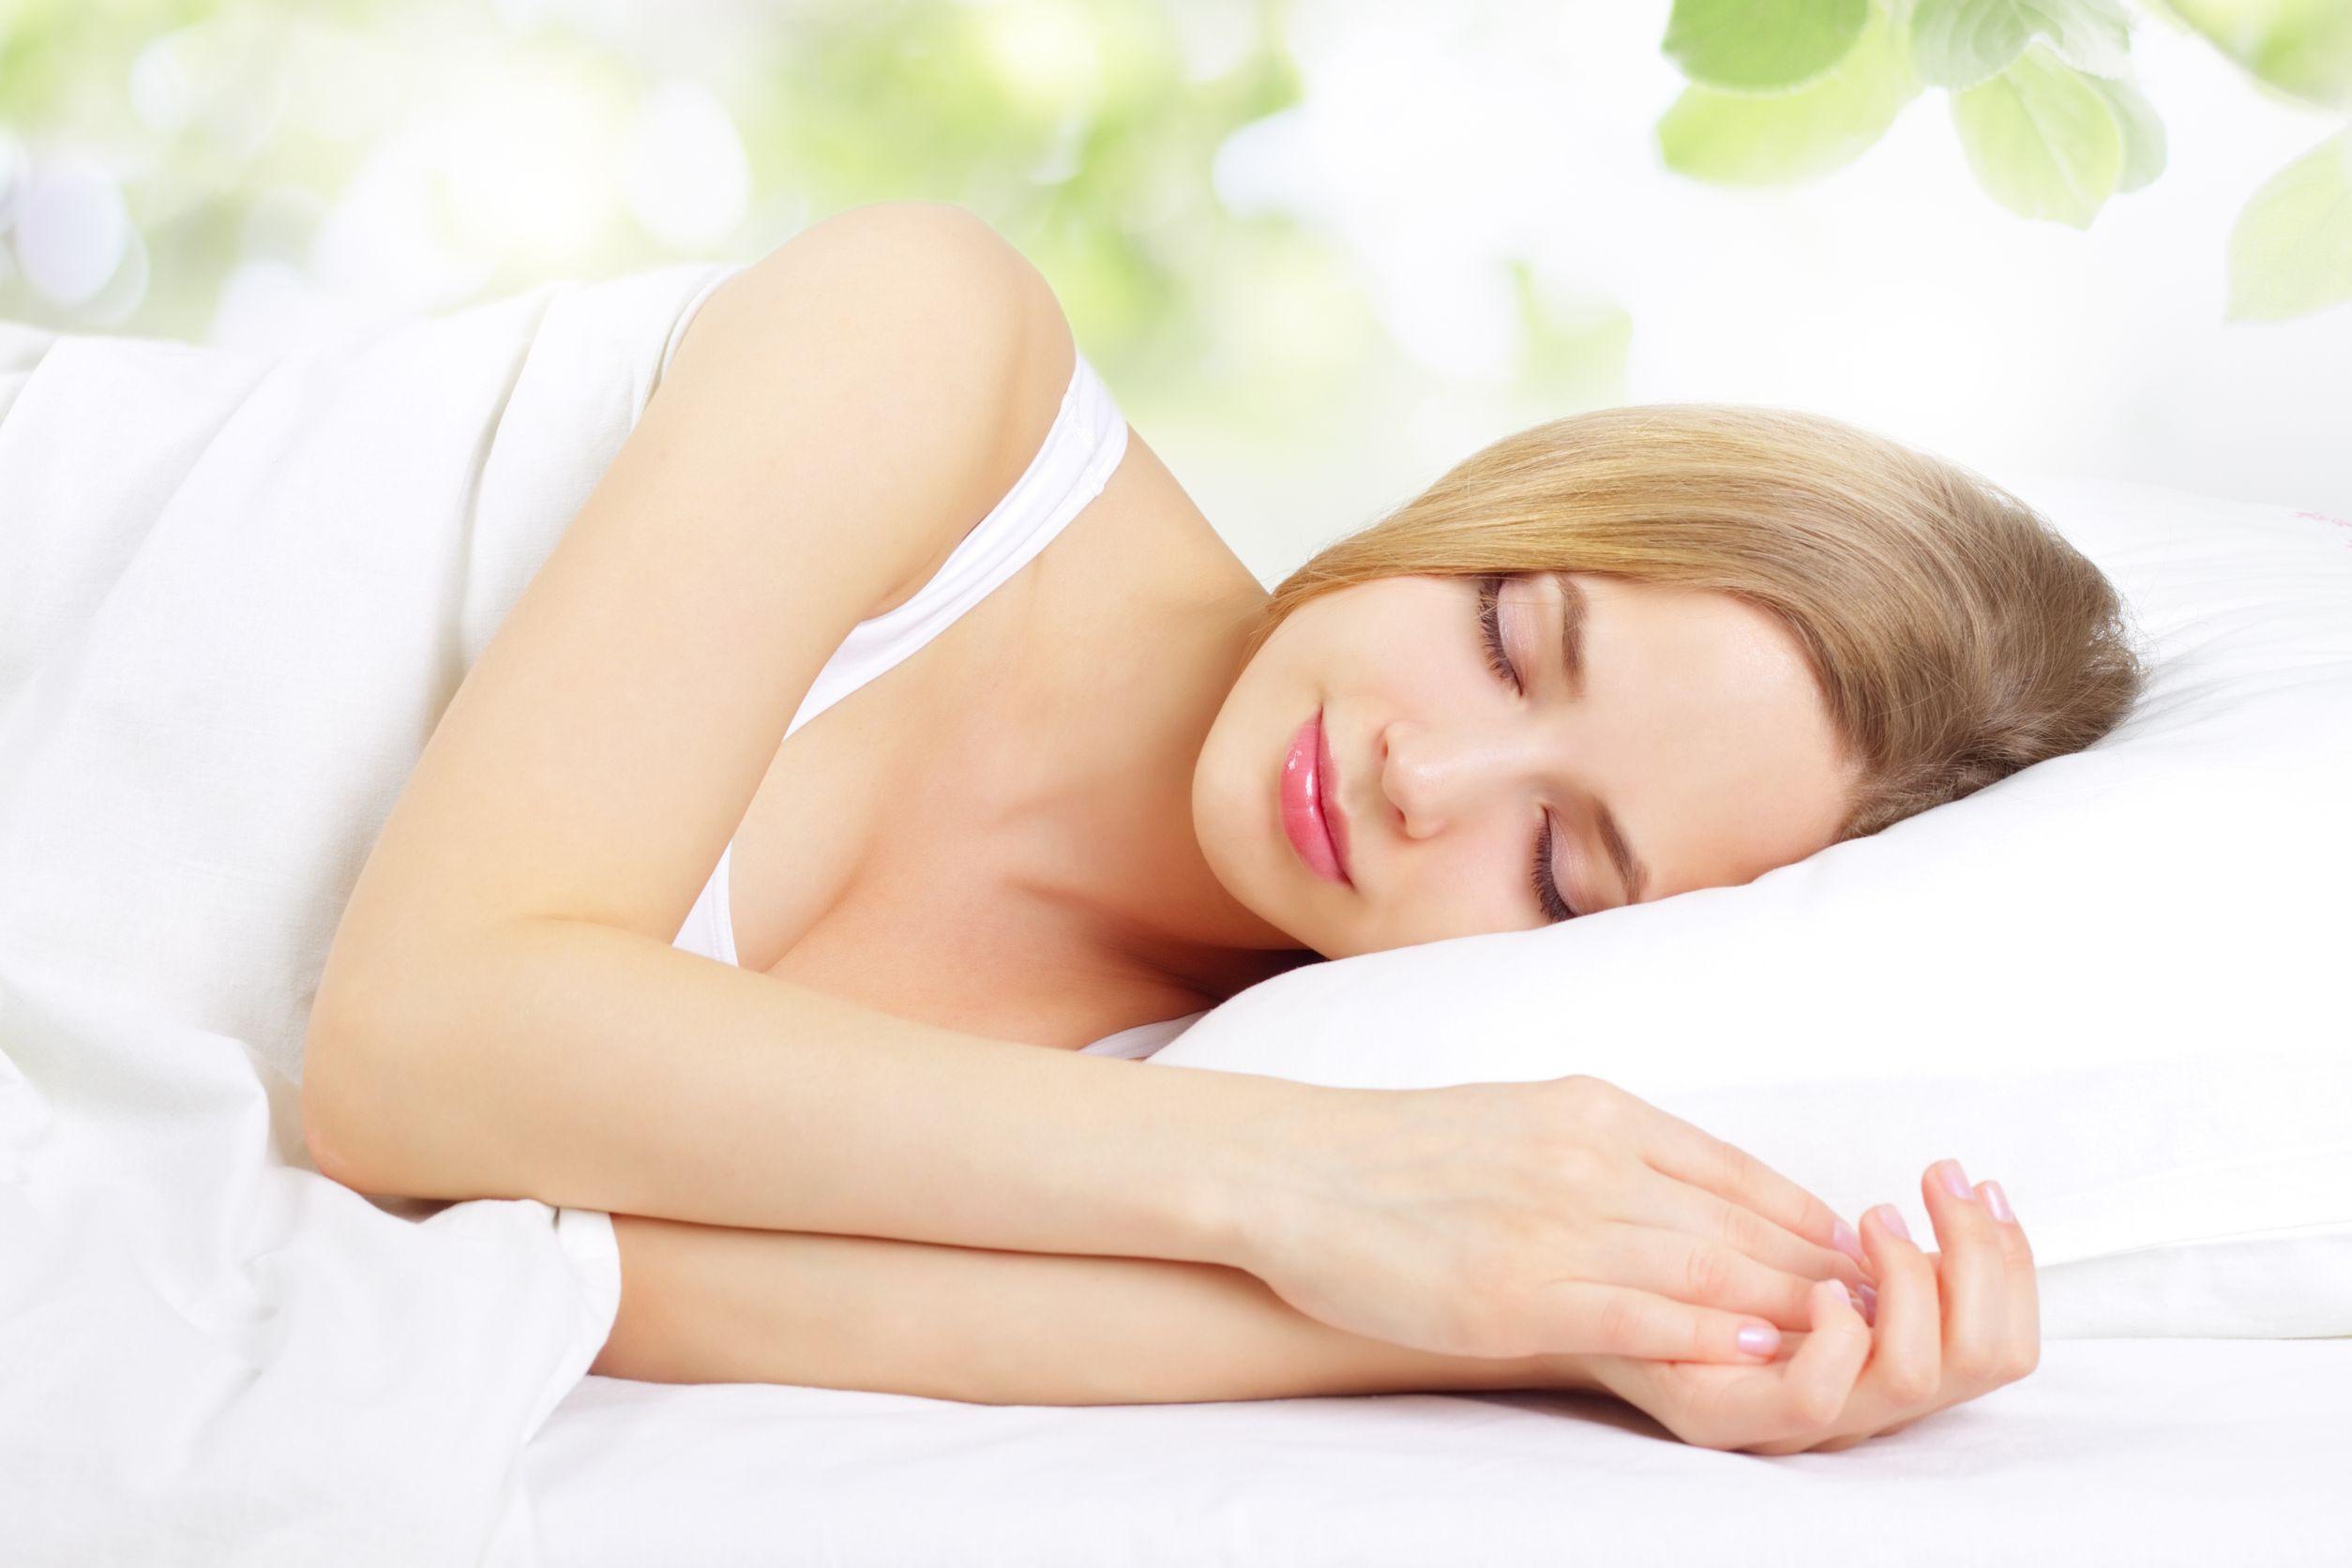 3 позы для сна при шейном остеохондрозе. Как понять, что положение неправильное?